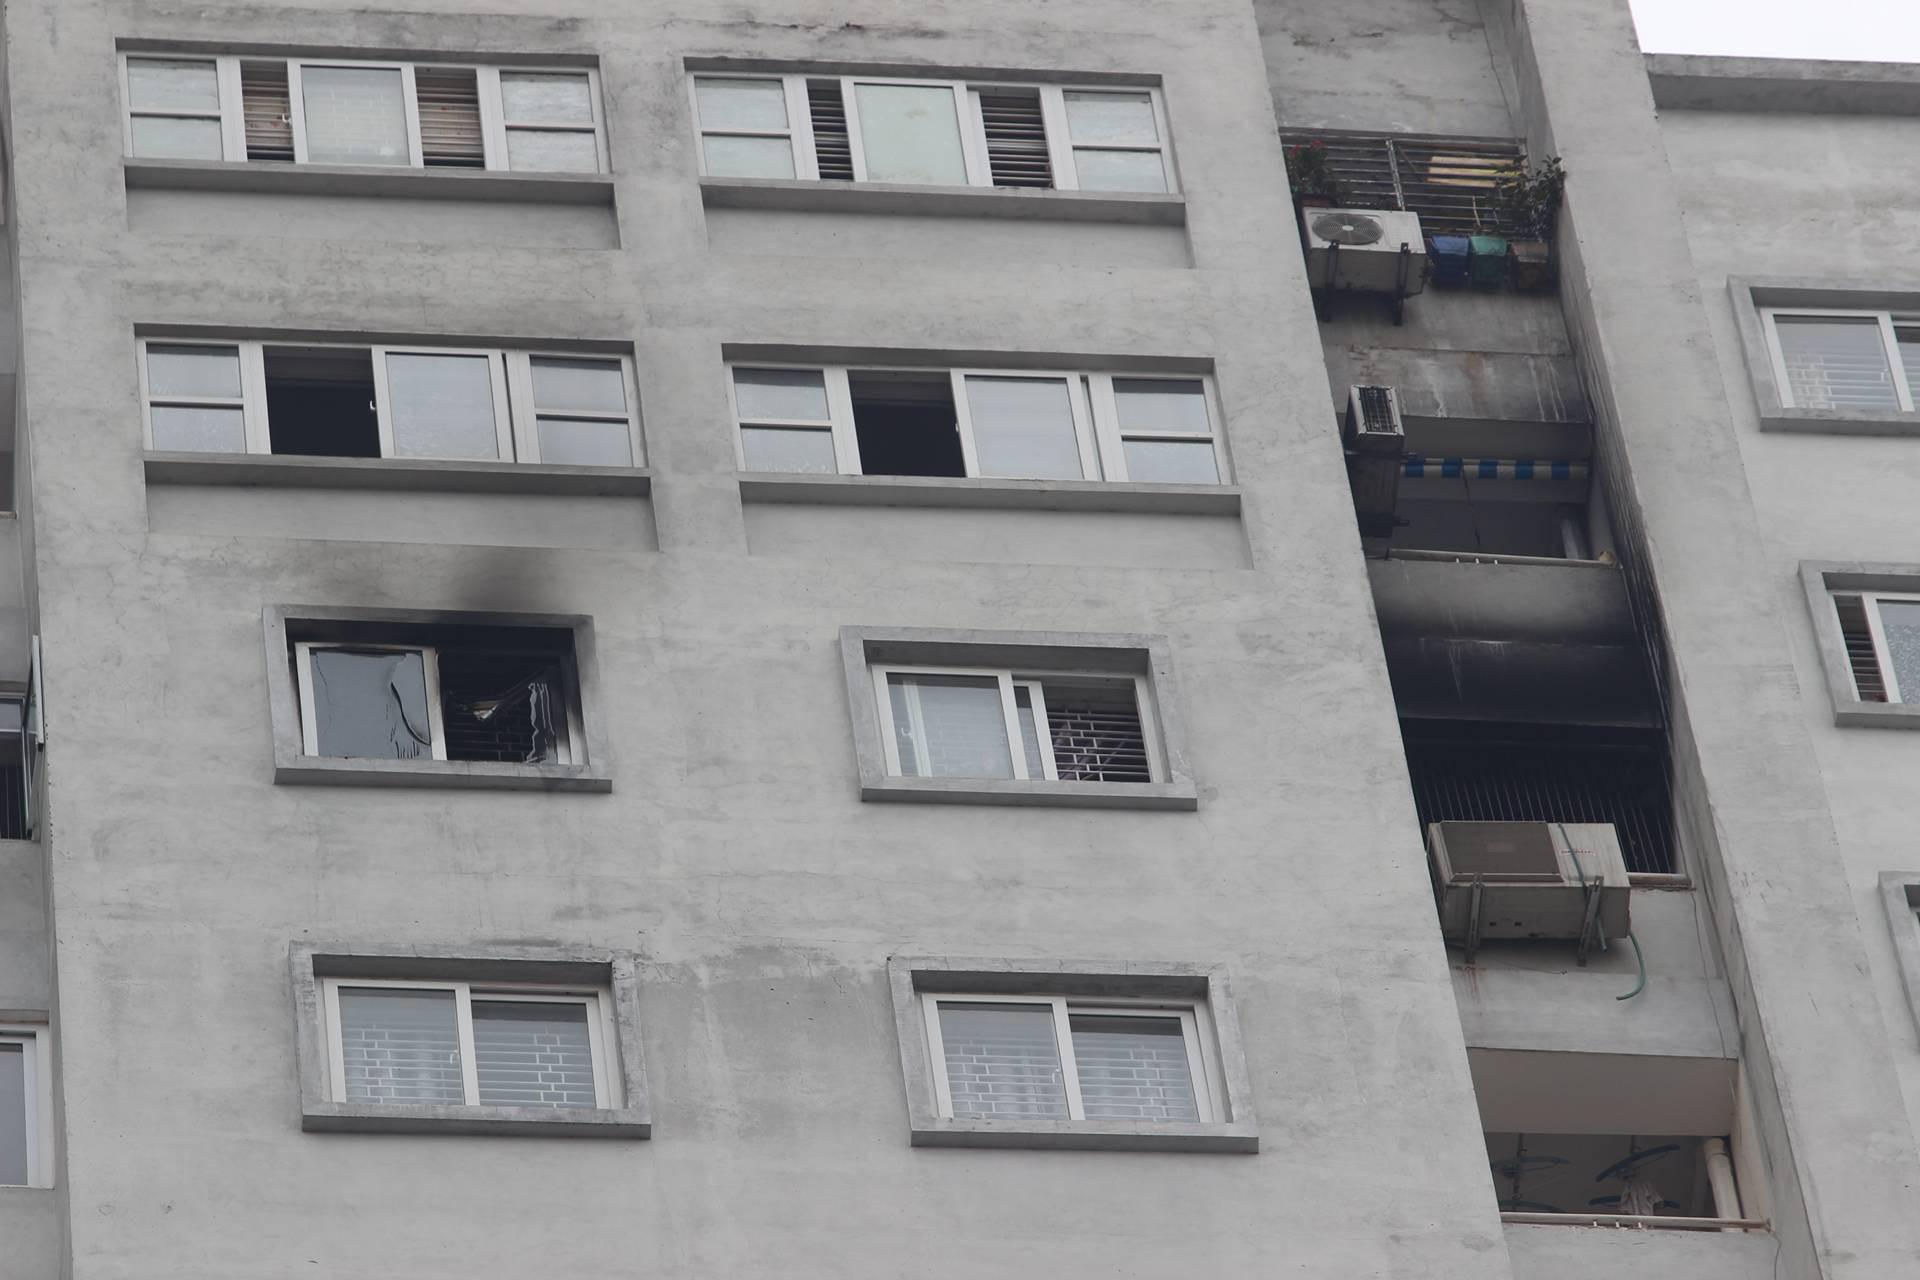 Hà Nội: Cháy ở chung cư CT5 Văn Khê, người dân bất bình vì thiết bị báo cháy không hoạt động 2